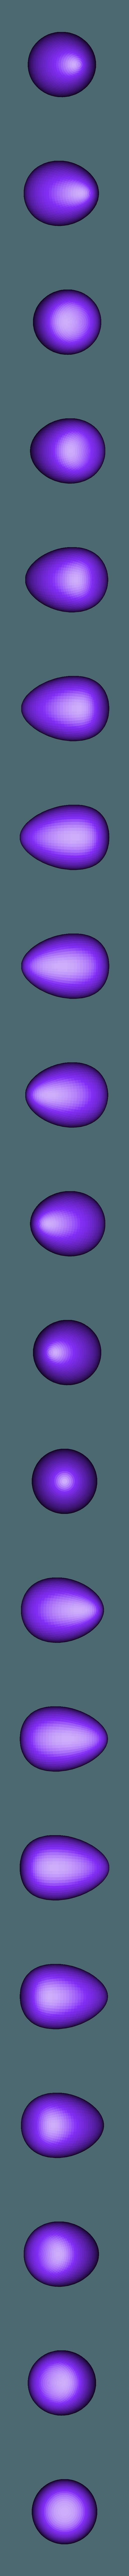 egg.stl Télécharger fichier STL gratuit (Pâques) Oeuf • Modèle à imprimer en 3D, MarcoAlici